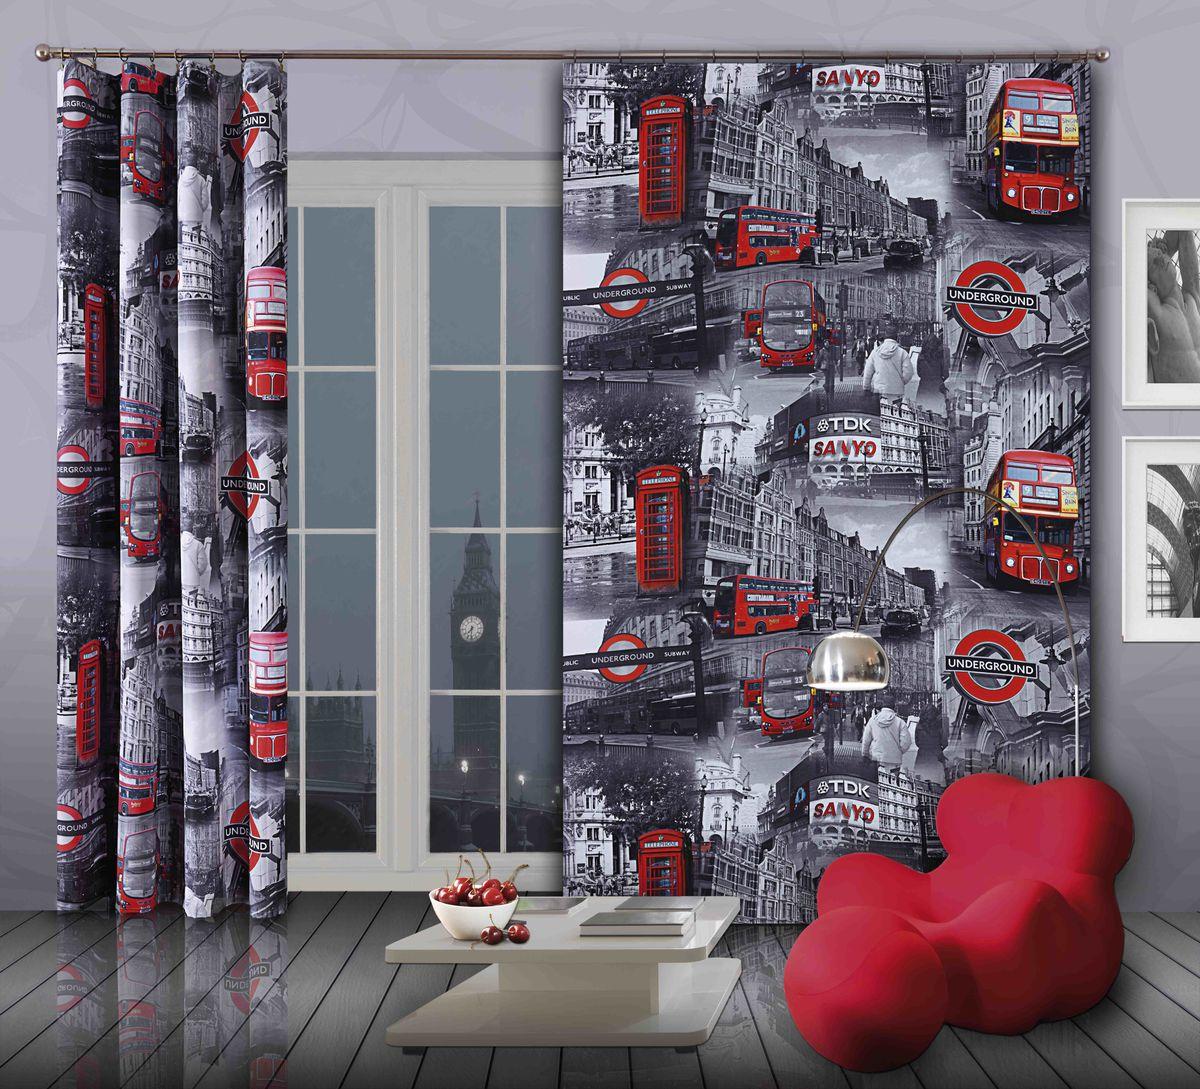 Комплект гардин-панно Wisan Bus, на ленте, цвет: серый, красный, высота 250 см268WКомплект гардин-панно Wisan Bus, изготовленный из полиэстера, станет великолепным украшением любого окна. В комплект входят 2 плотные гардины с изображением знаменитых лондонских автобусов. Качественный материал, оригинальный дизайн и приятная цветовая гамма привлекут к себе внимание и органично впишутся в интерьер. Комплект оснащен шторной лентой для красивой сборки. Размер гардин-панно: 150 см х 250 см. Фирма Wisan на польском рынке существует уже более пятидесяти лет и является одной из лучших польских фабрик по производству штор и тканей. Ассортимент фирмы представлен готовыми комплектами штор для гостиной, детской, кухни, а также текстилем для кухни (скатерти, салфетки, дорожки, кухонные занавески). Модельный ряд отличает оригинальный дизайн, высокое качество. Ассортимент продукции постоянно пополняется.